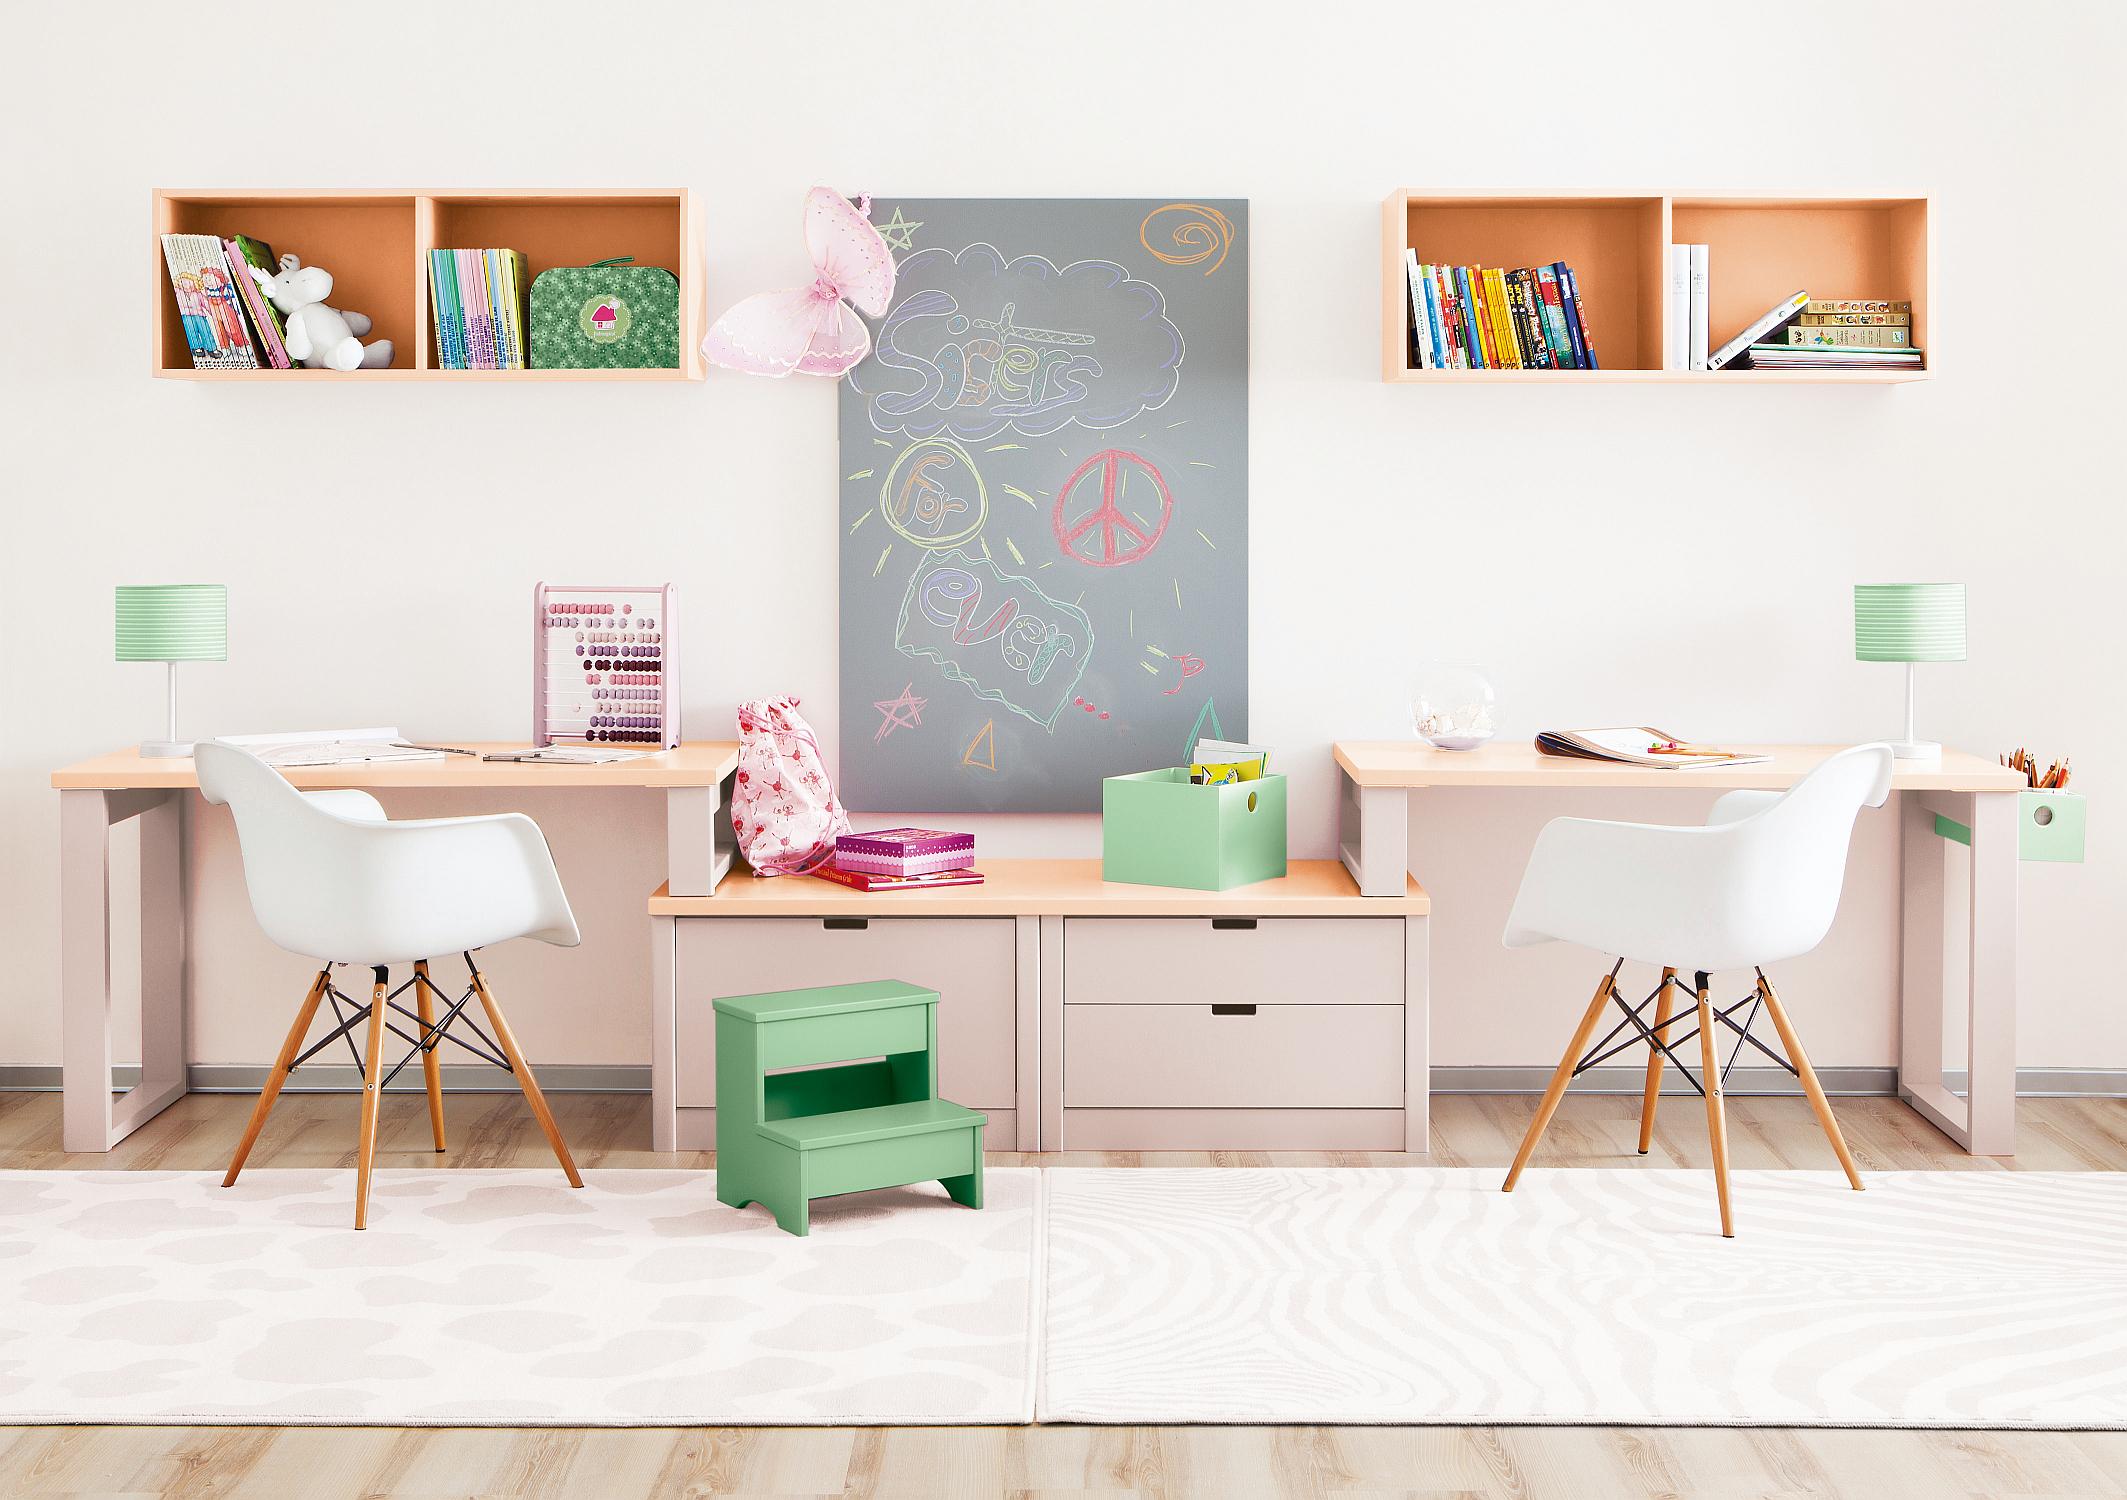 8_Studijní kout pro sestry - dvojčata z nábytku Asoral v harmonických růžových tónech_foto studio Viabel